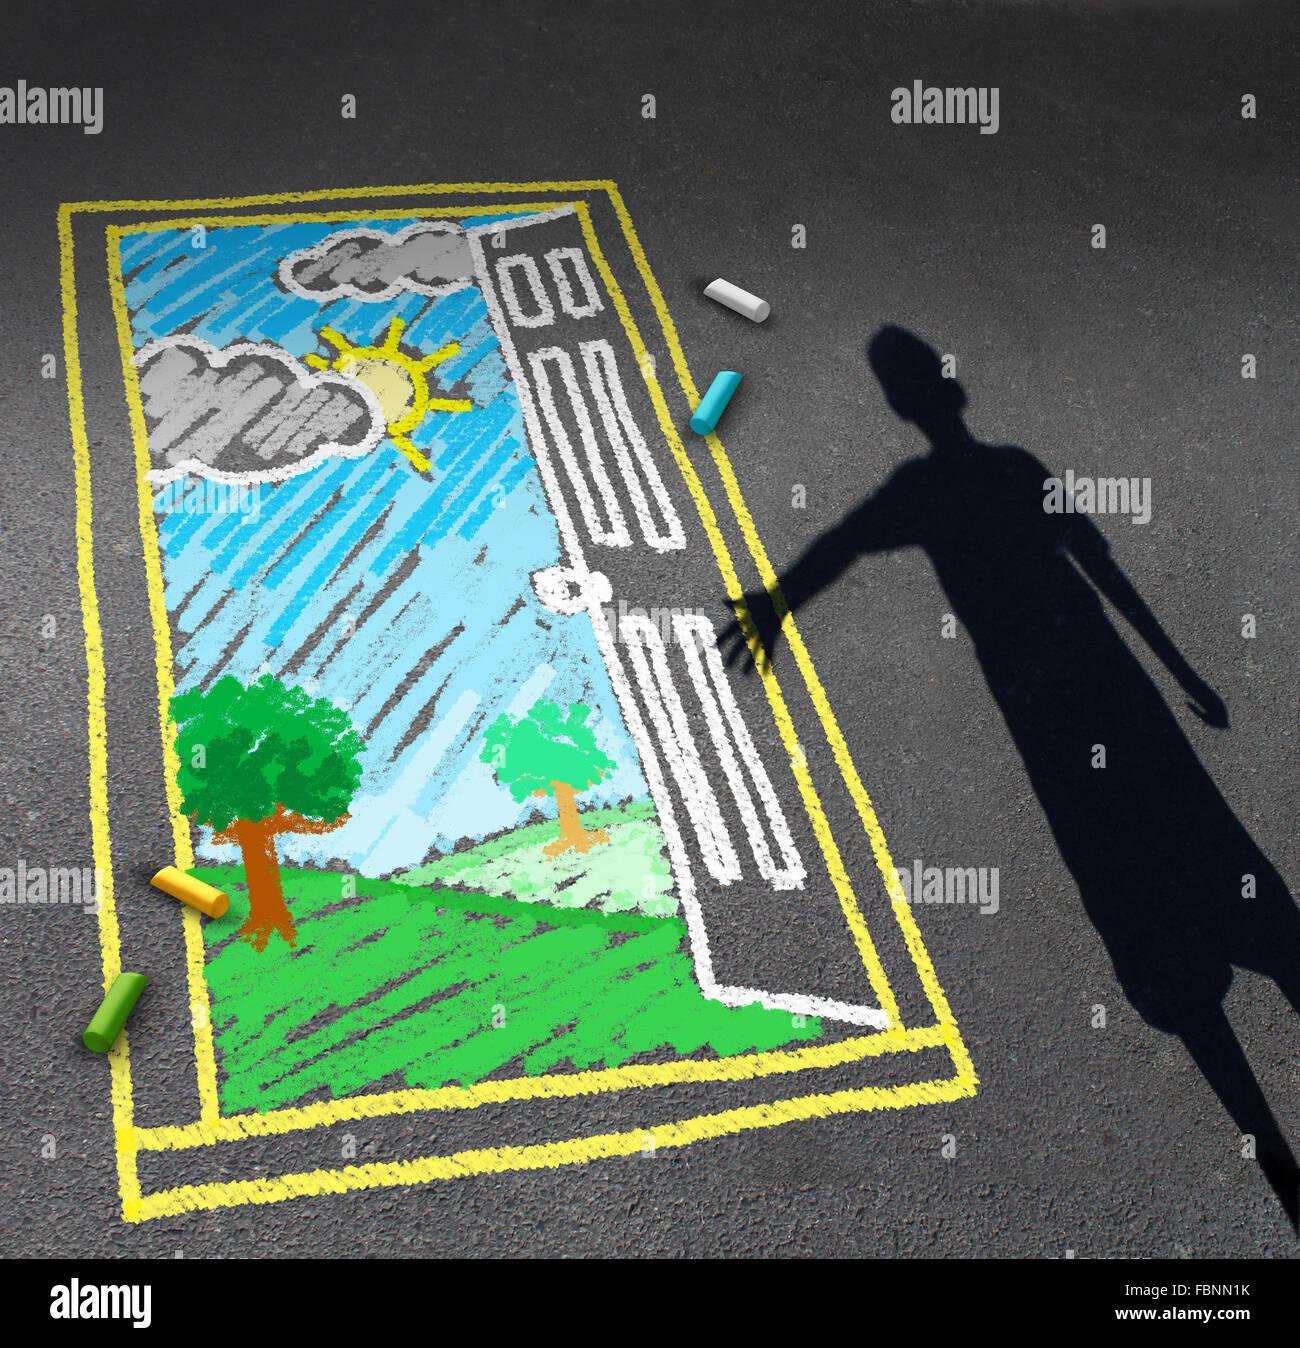 L'occasion de la petite enfance et de l'imagination de l'enfant concept symbole comme l'ombre d'un Photo Stock